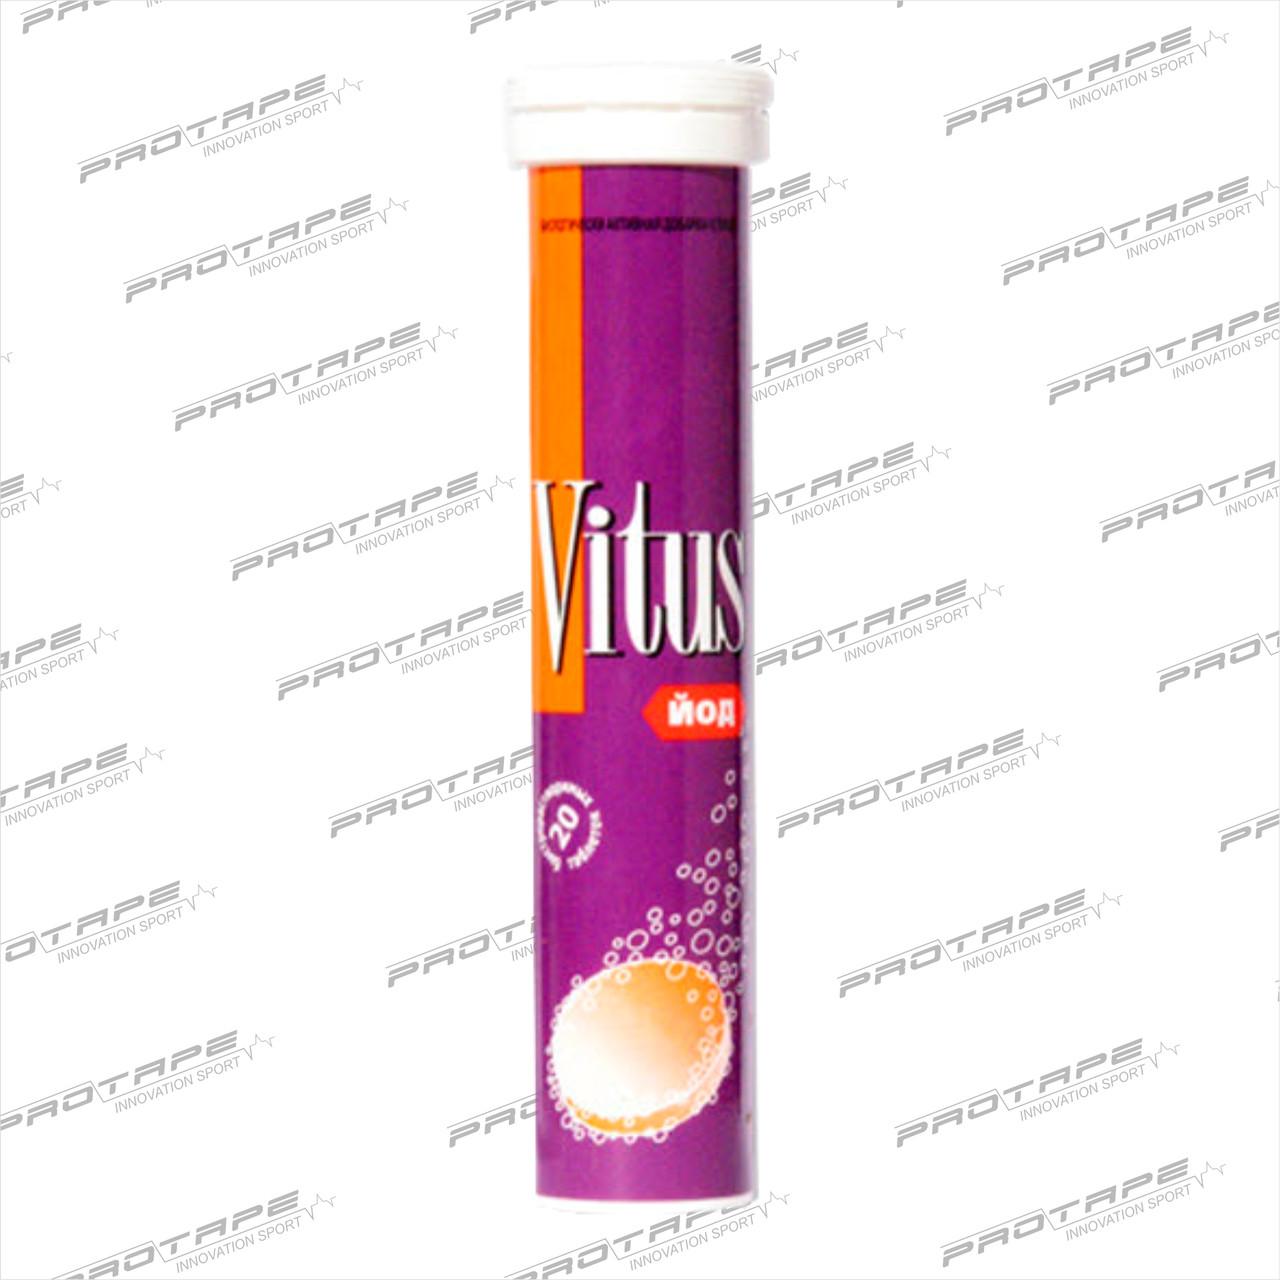 Витус Йод Содержит витамины C, E, A, B1, B2, B5, B6, B12, PP, фолиевую кислоту и йод. 20 таб в уп.